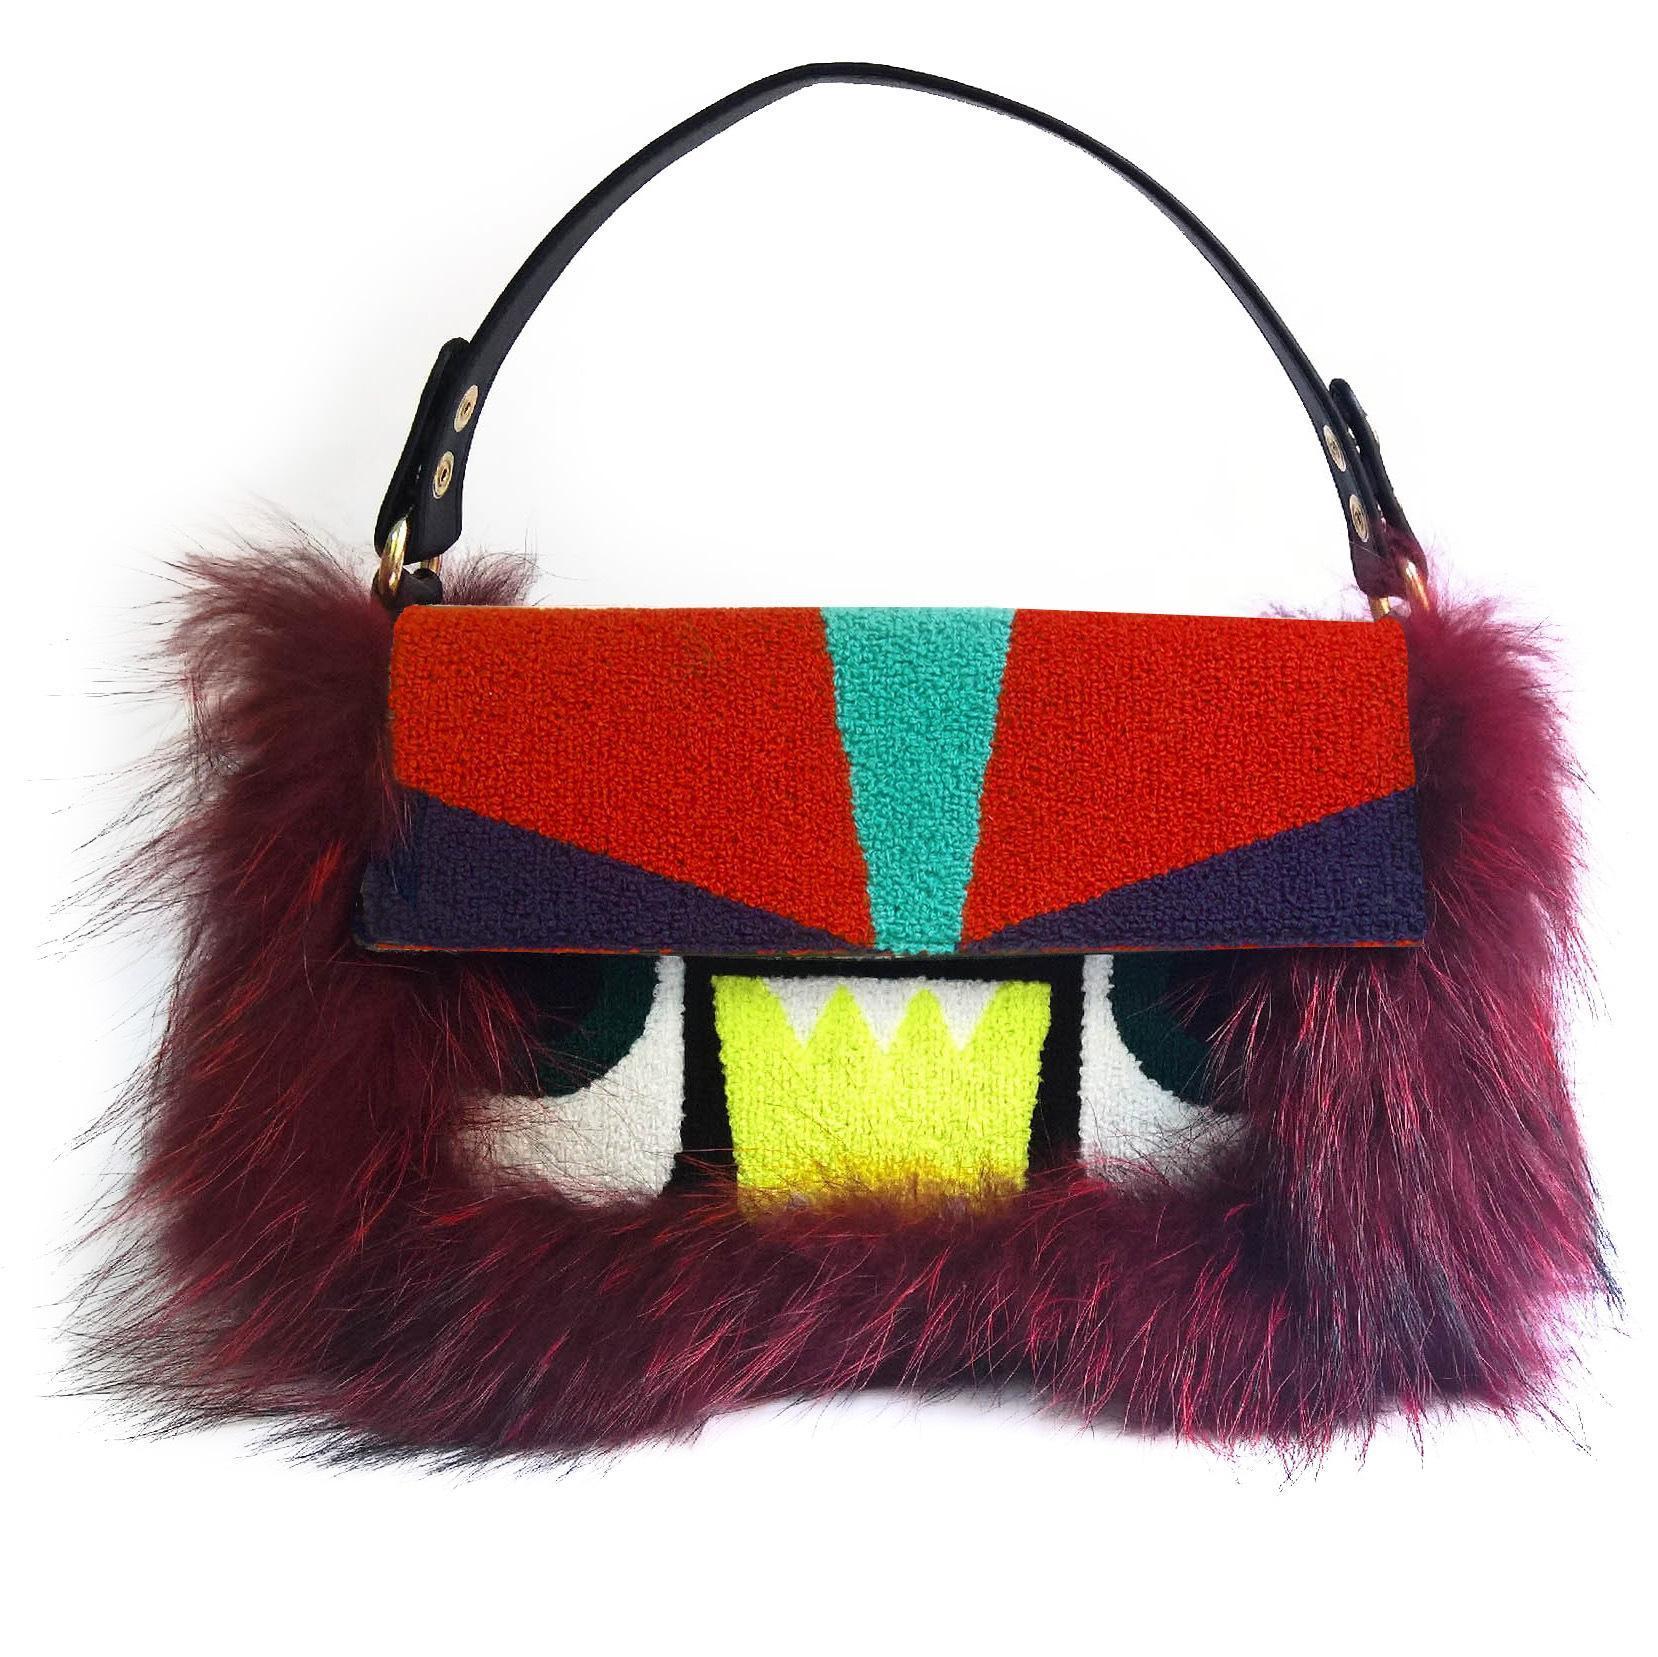 Commercio all'ingrosso sacchetto della pelliccia inclinato 2019 borsa a tracolla personalizzato autunno e l'inverno delle donne